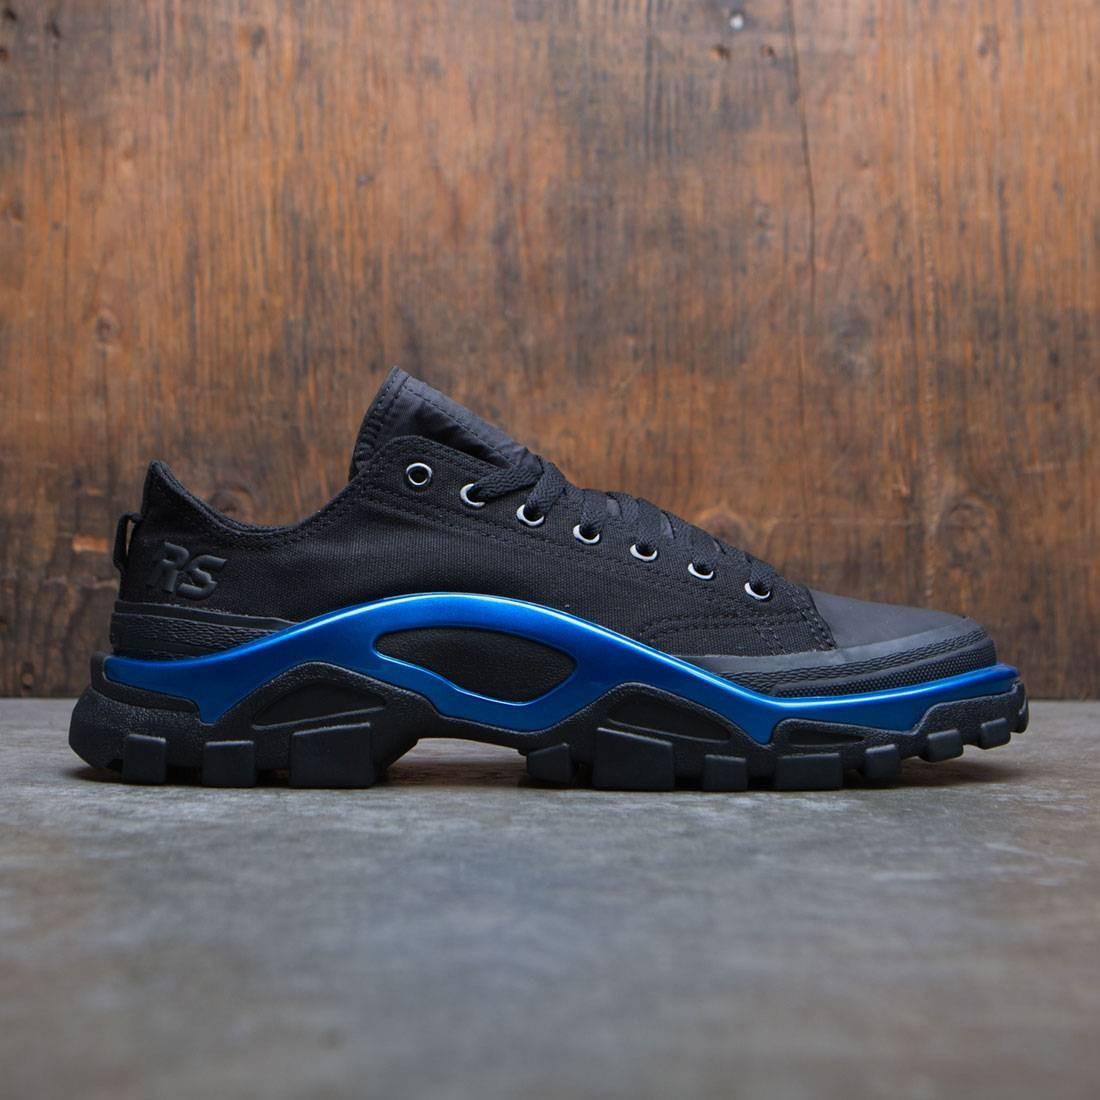 【海外限定】アディダス コア 黒 ブラック メンズ靴 スニーカー 【 ADIDAS BLACK X RAF SIMONS MEN NEW RUNNER CORE ELECTRIC BLUE 】